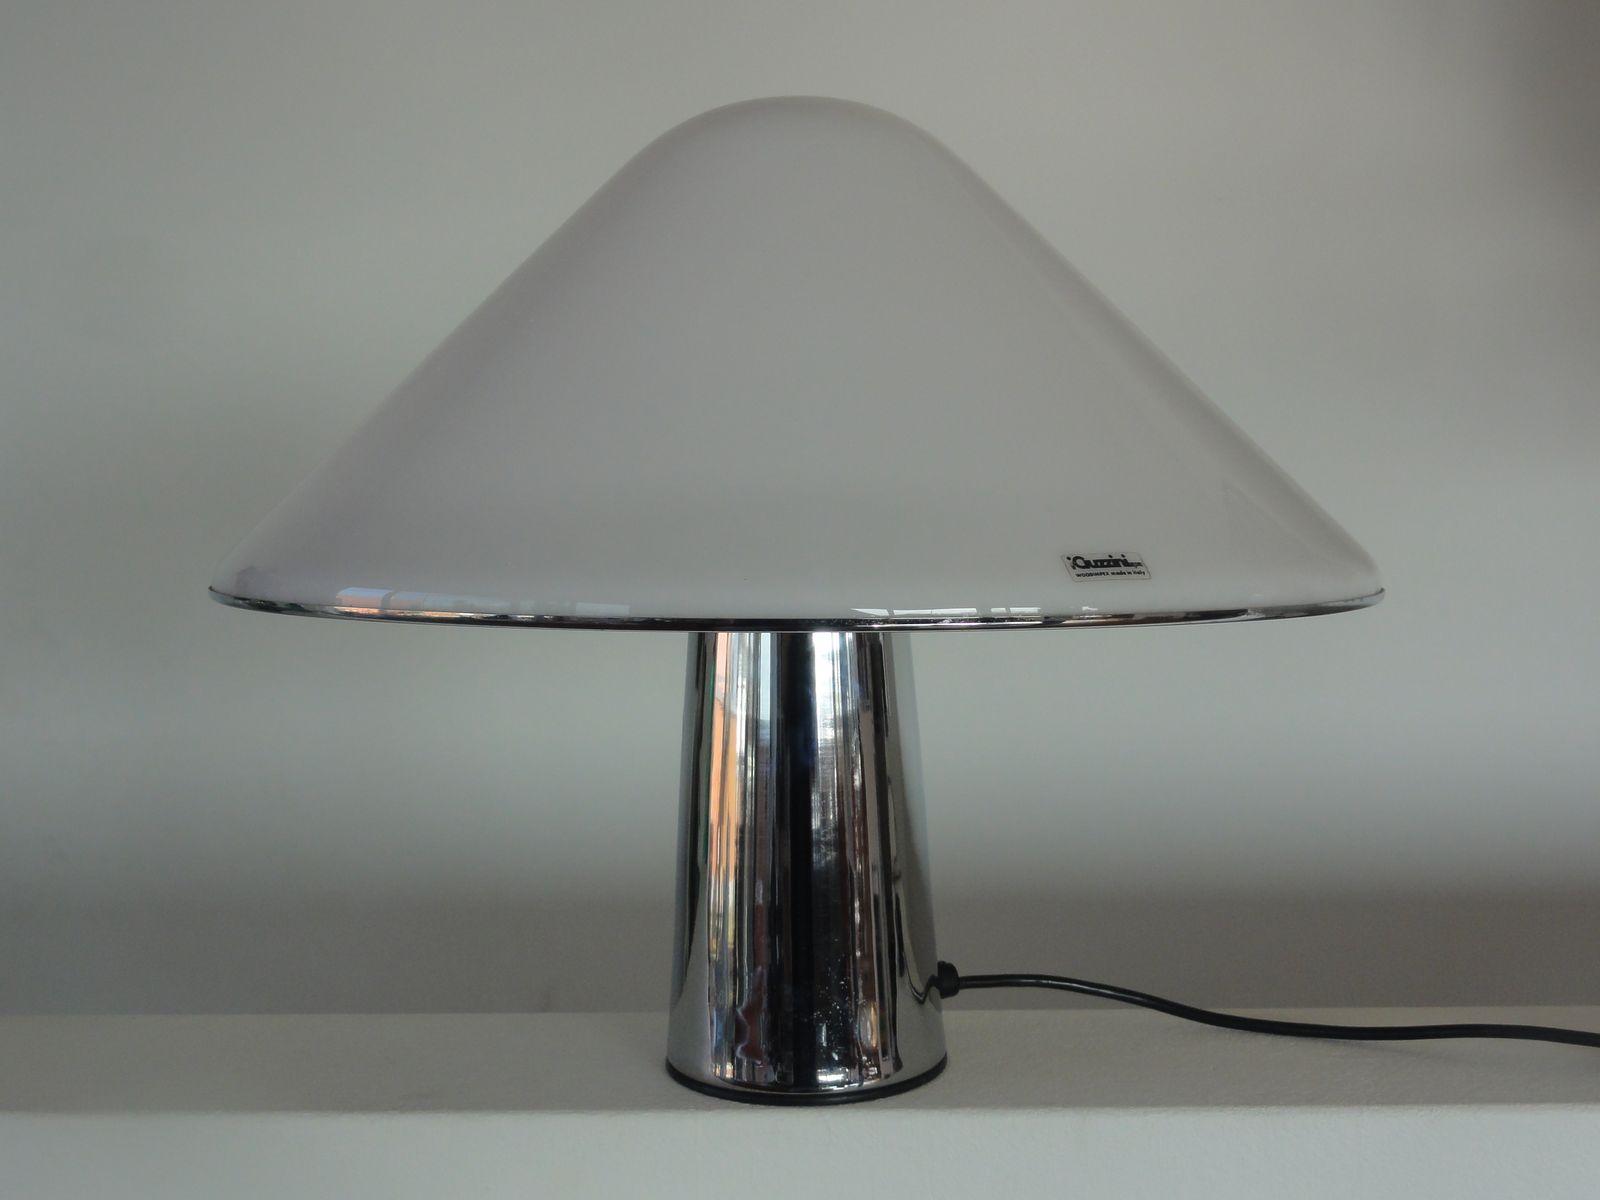 Lampada a fungo in plexiglas di iGuzzini, anni \'70 in vendita su Pamono